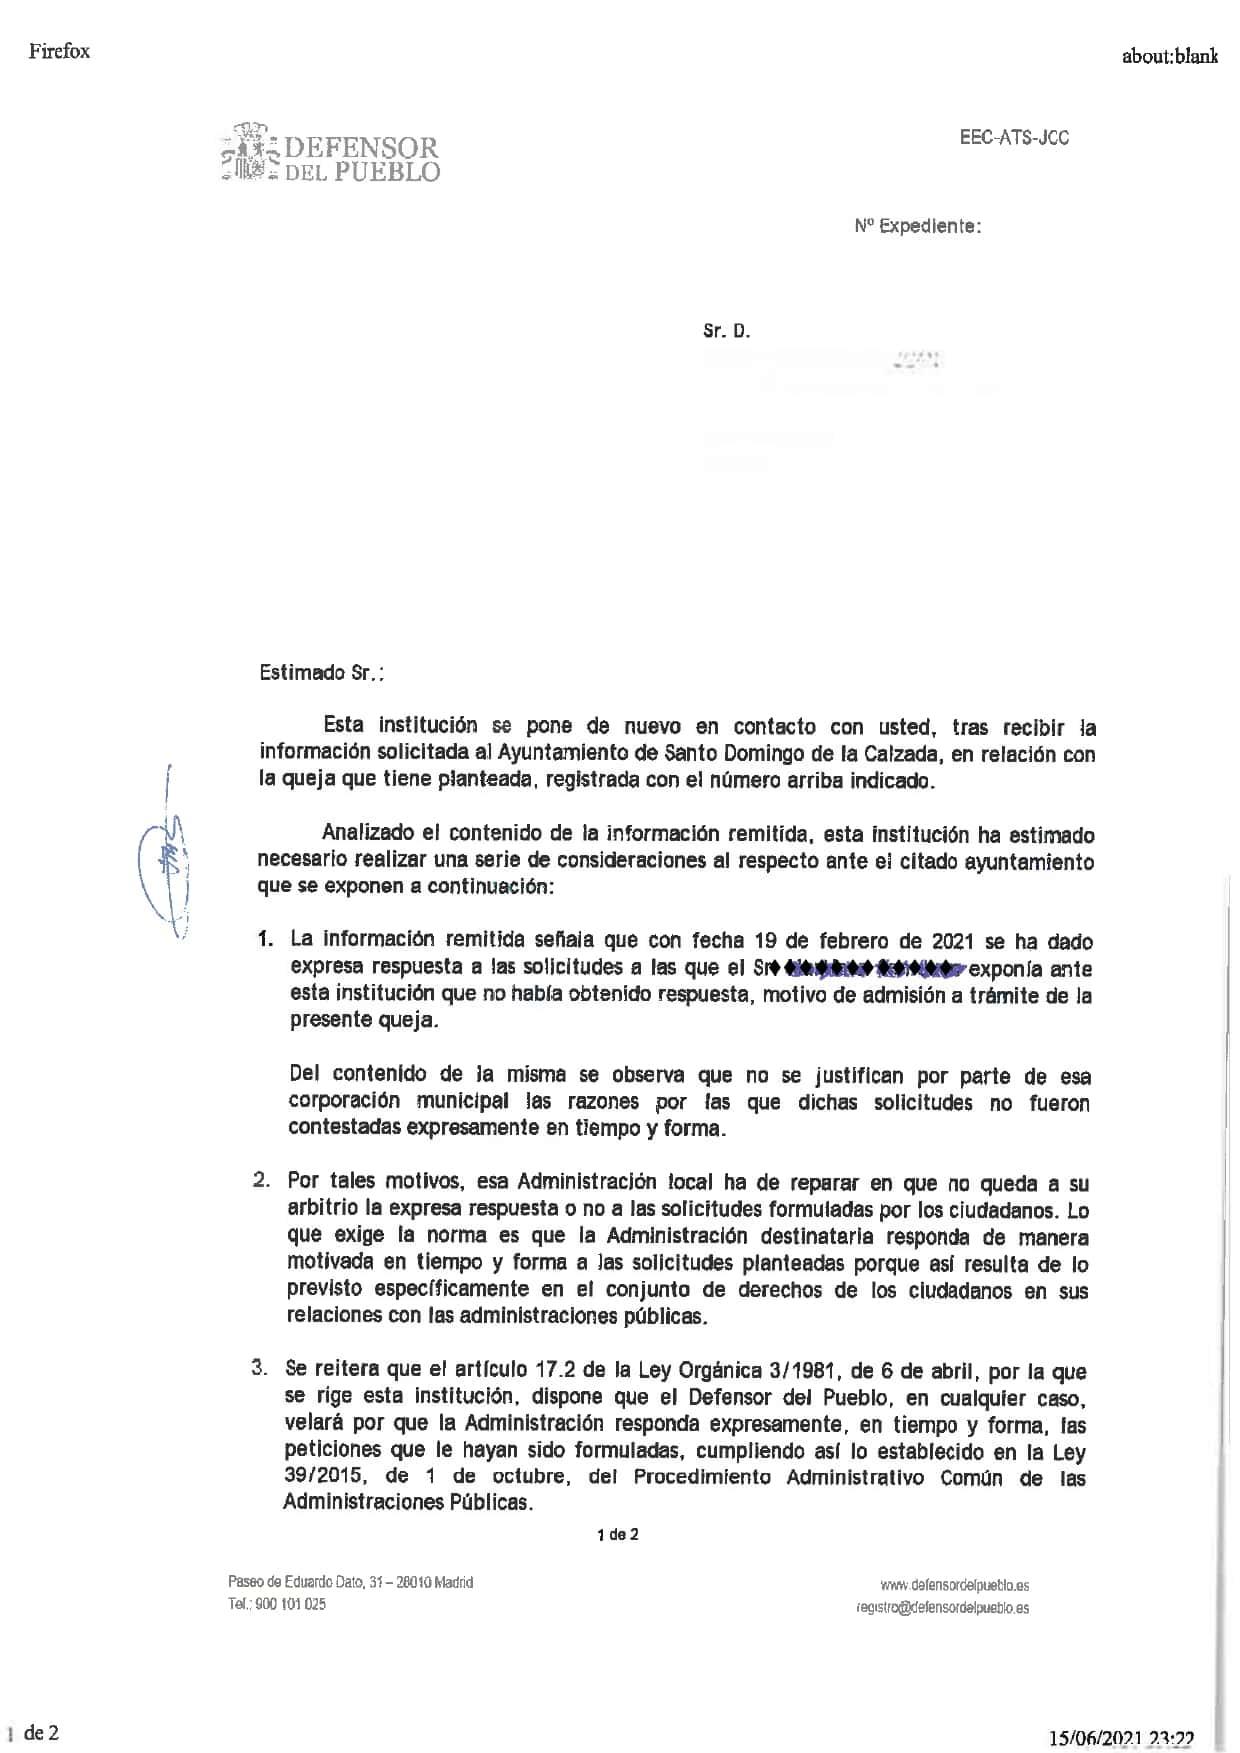 """El Defensor del Pueblo """"castiga"""" la gestión del Ayuntamiento de Santo Domingo 1"""